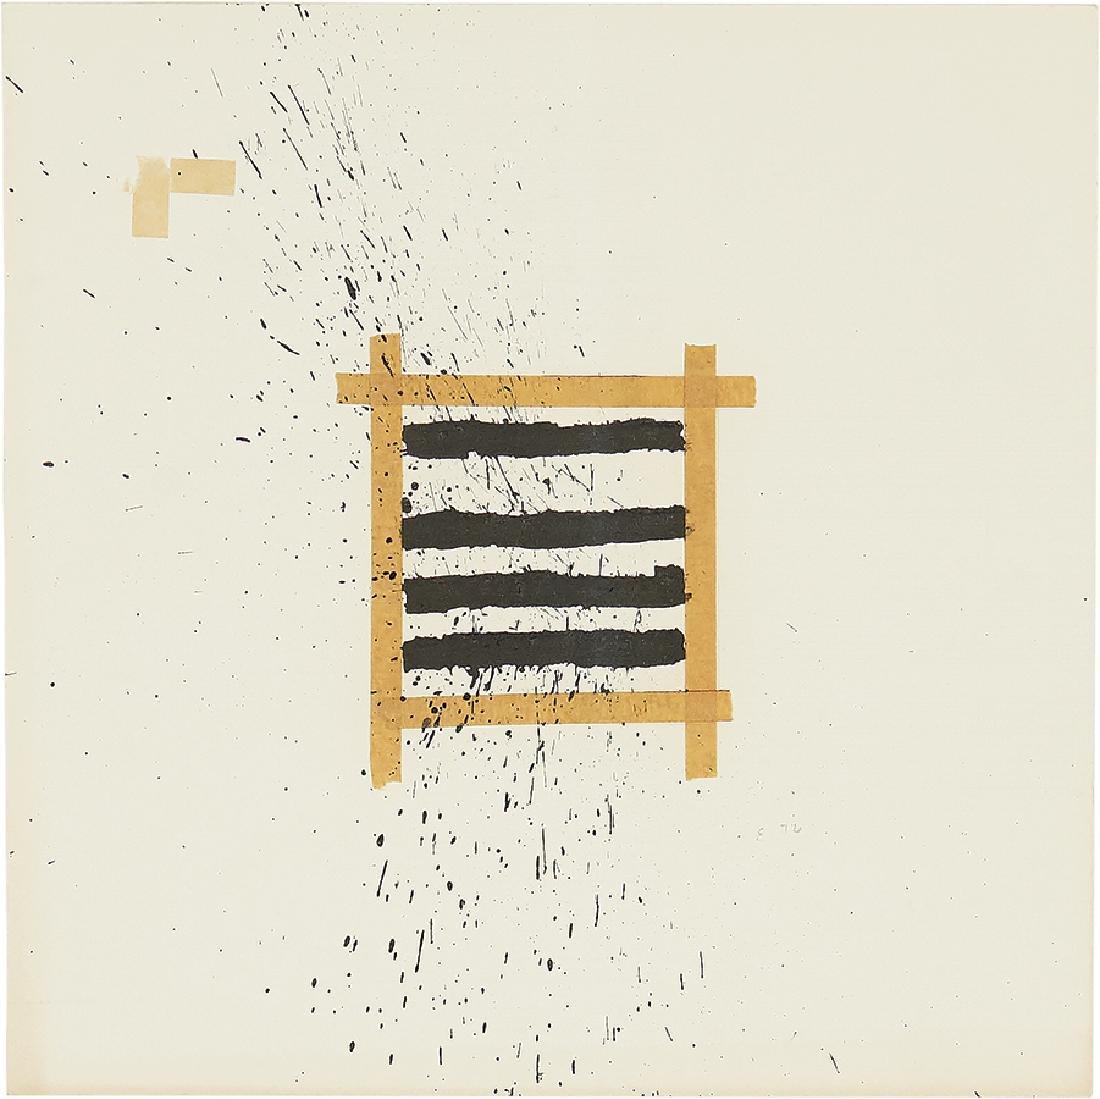 Ed Moses: Untitled